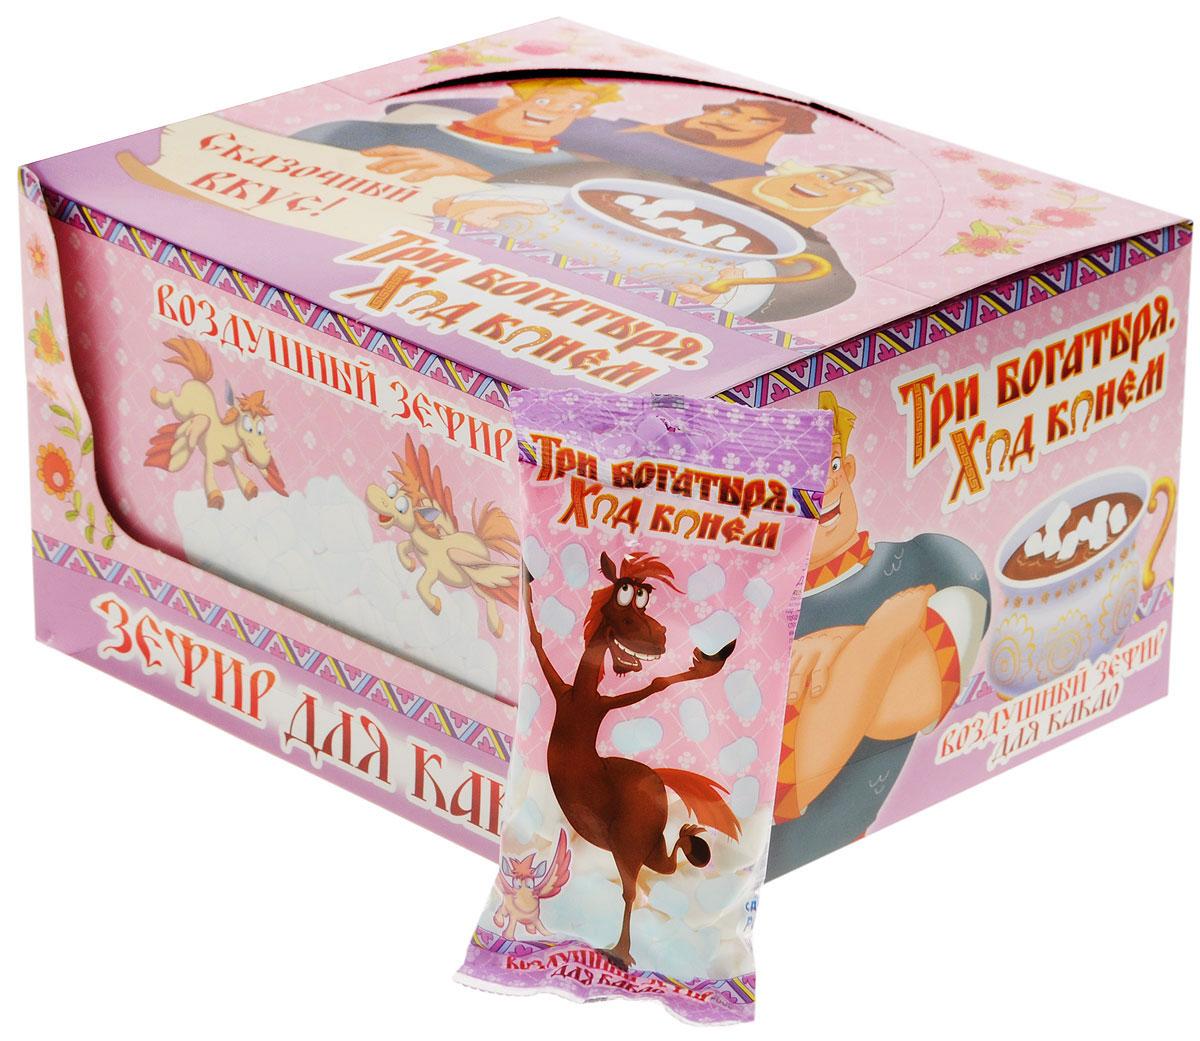 Зефирюшки Три богатыря воздушный зефир для какао, 360 г (24 шт)ZF-12-1/TBВ европейских странах маршмеллоу – самый трендовый десерт десятилетия.Тающие зефирки во фруктовых салатах, ими украшают пирожные и торты. А жарка воздушного зефира на костре – настоящая походная традиция, украшающая каждый семейный пикник.